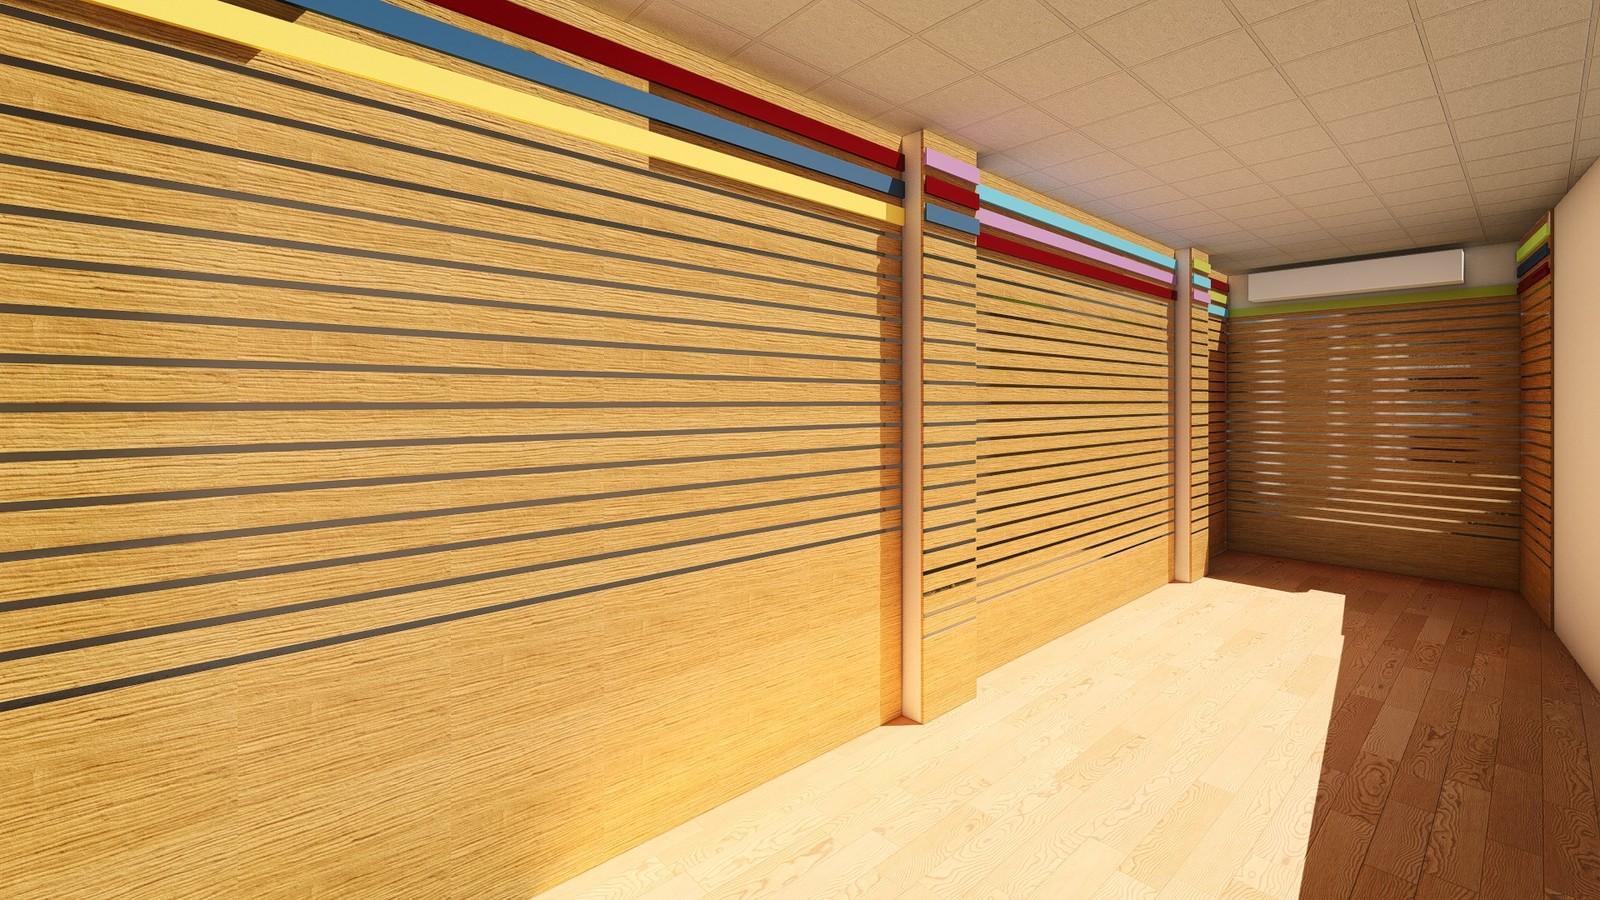 Nane-Limon Souvenir Shop interior  WALL PANELS